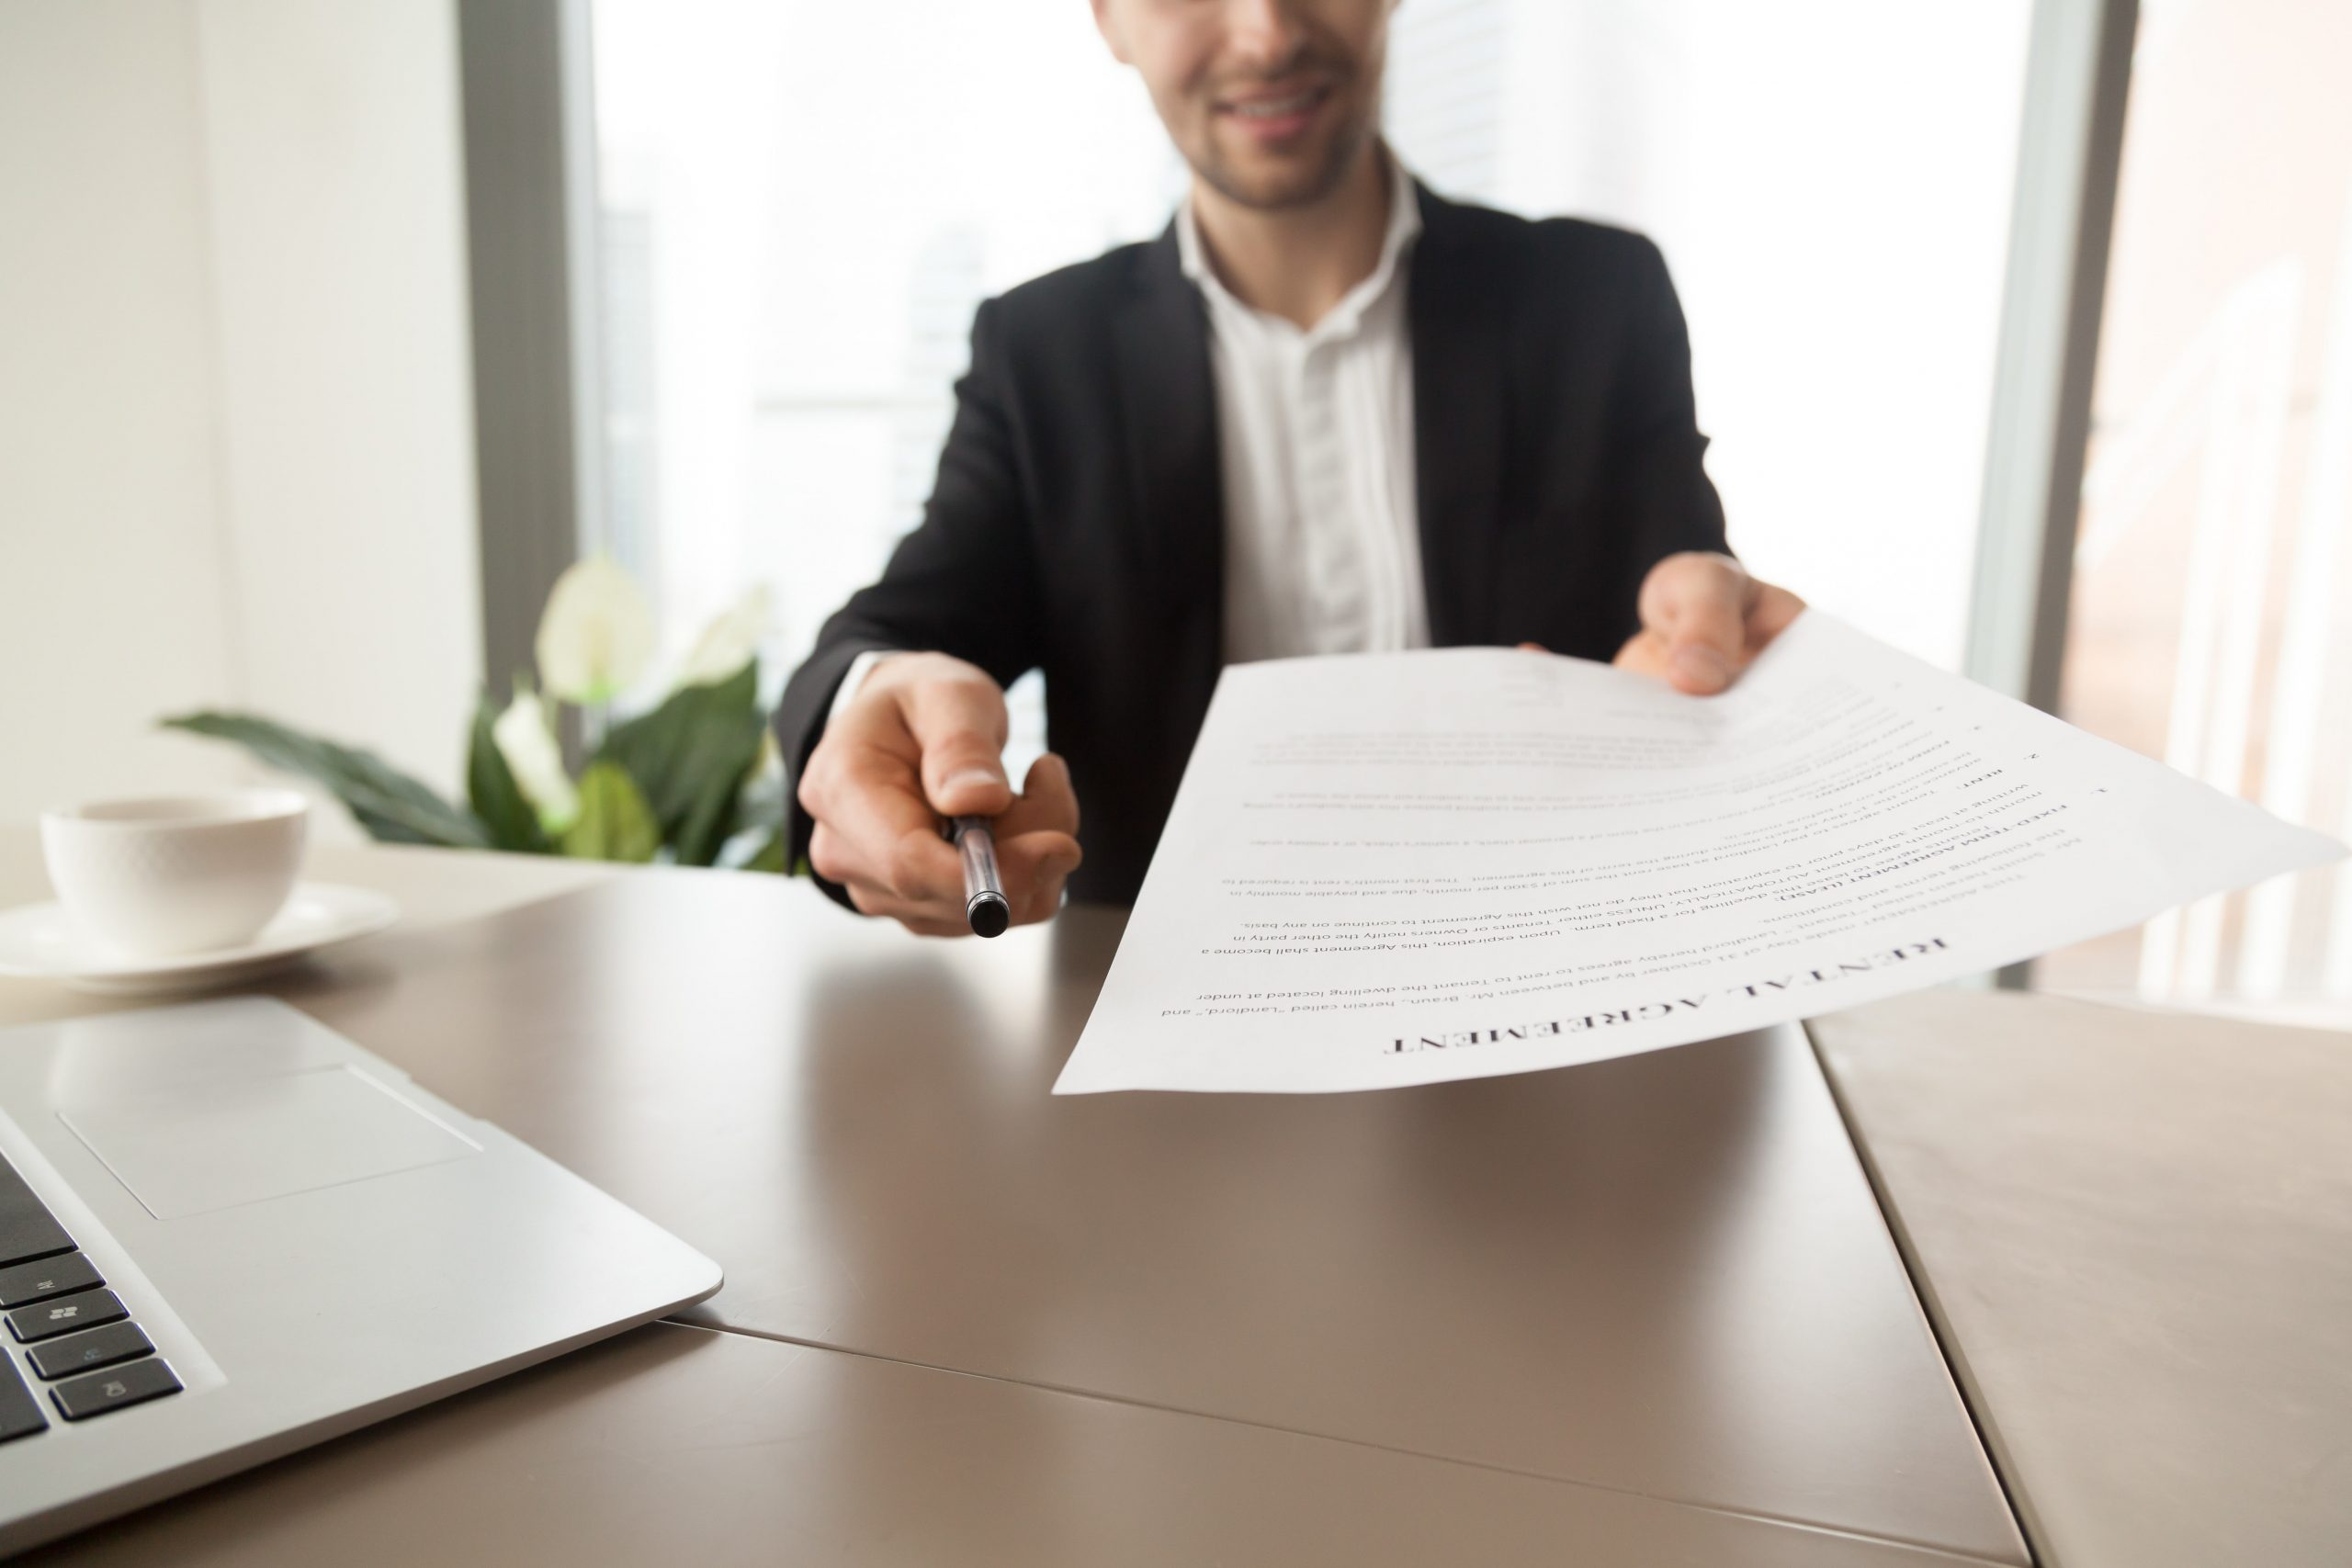 bilde av en mann som gir deg en kontrakt med vilkår og betingelser